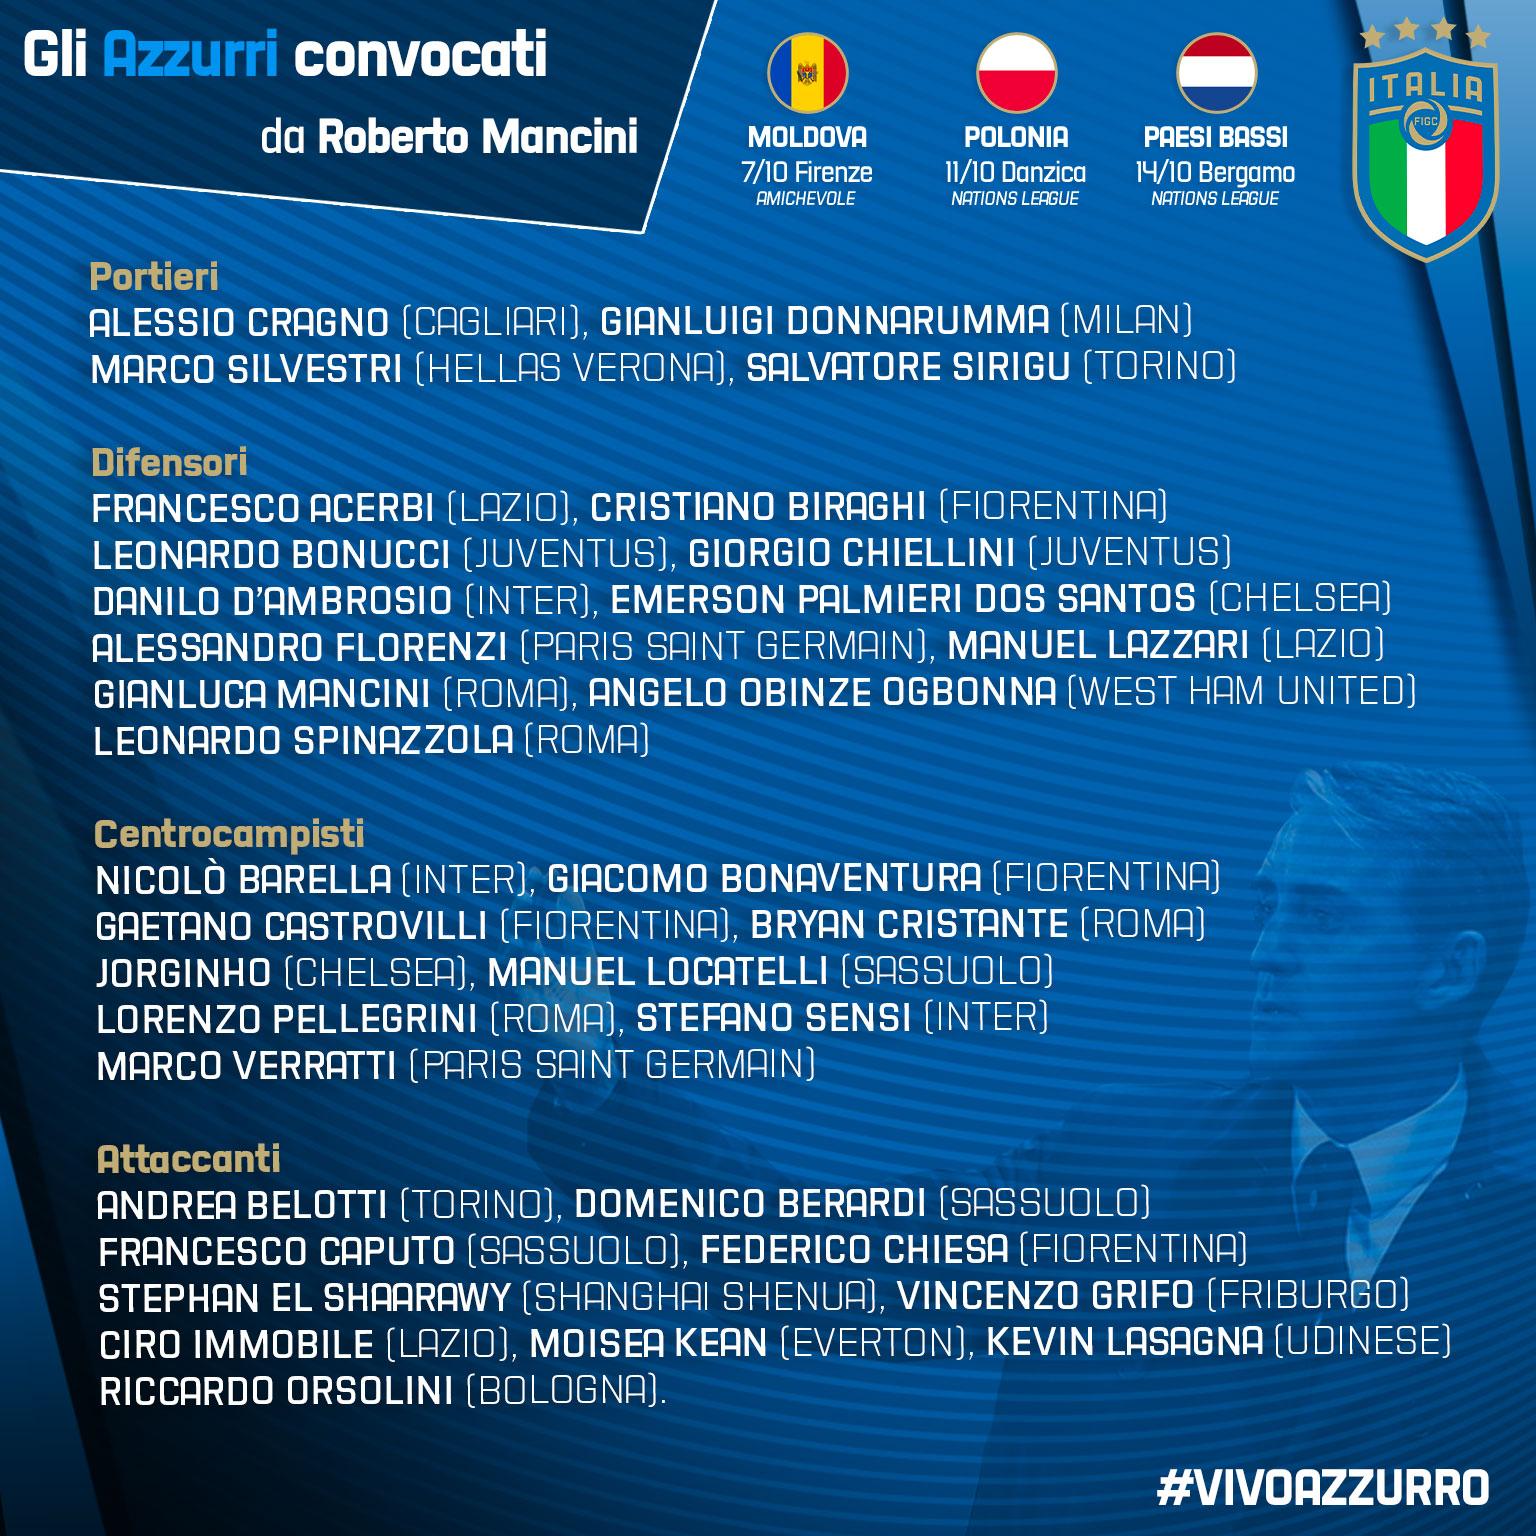 意大利大名单:欧冠足彩网投维拉蒂领衔、沙拉维入选、奥邦纳回归